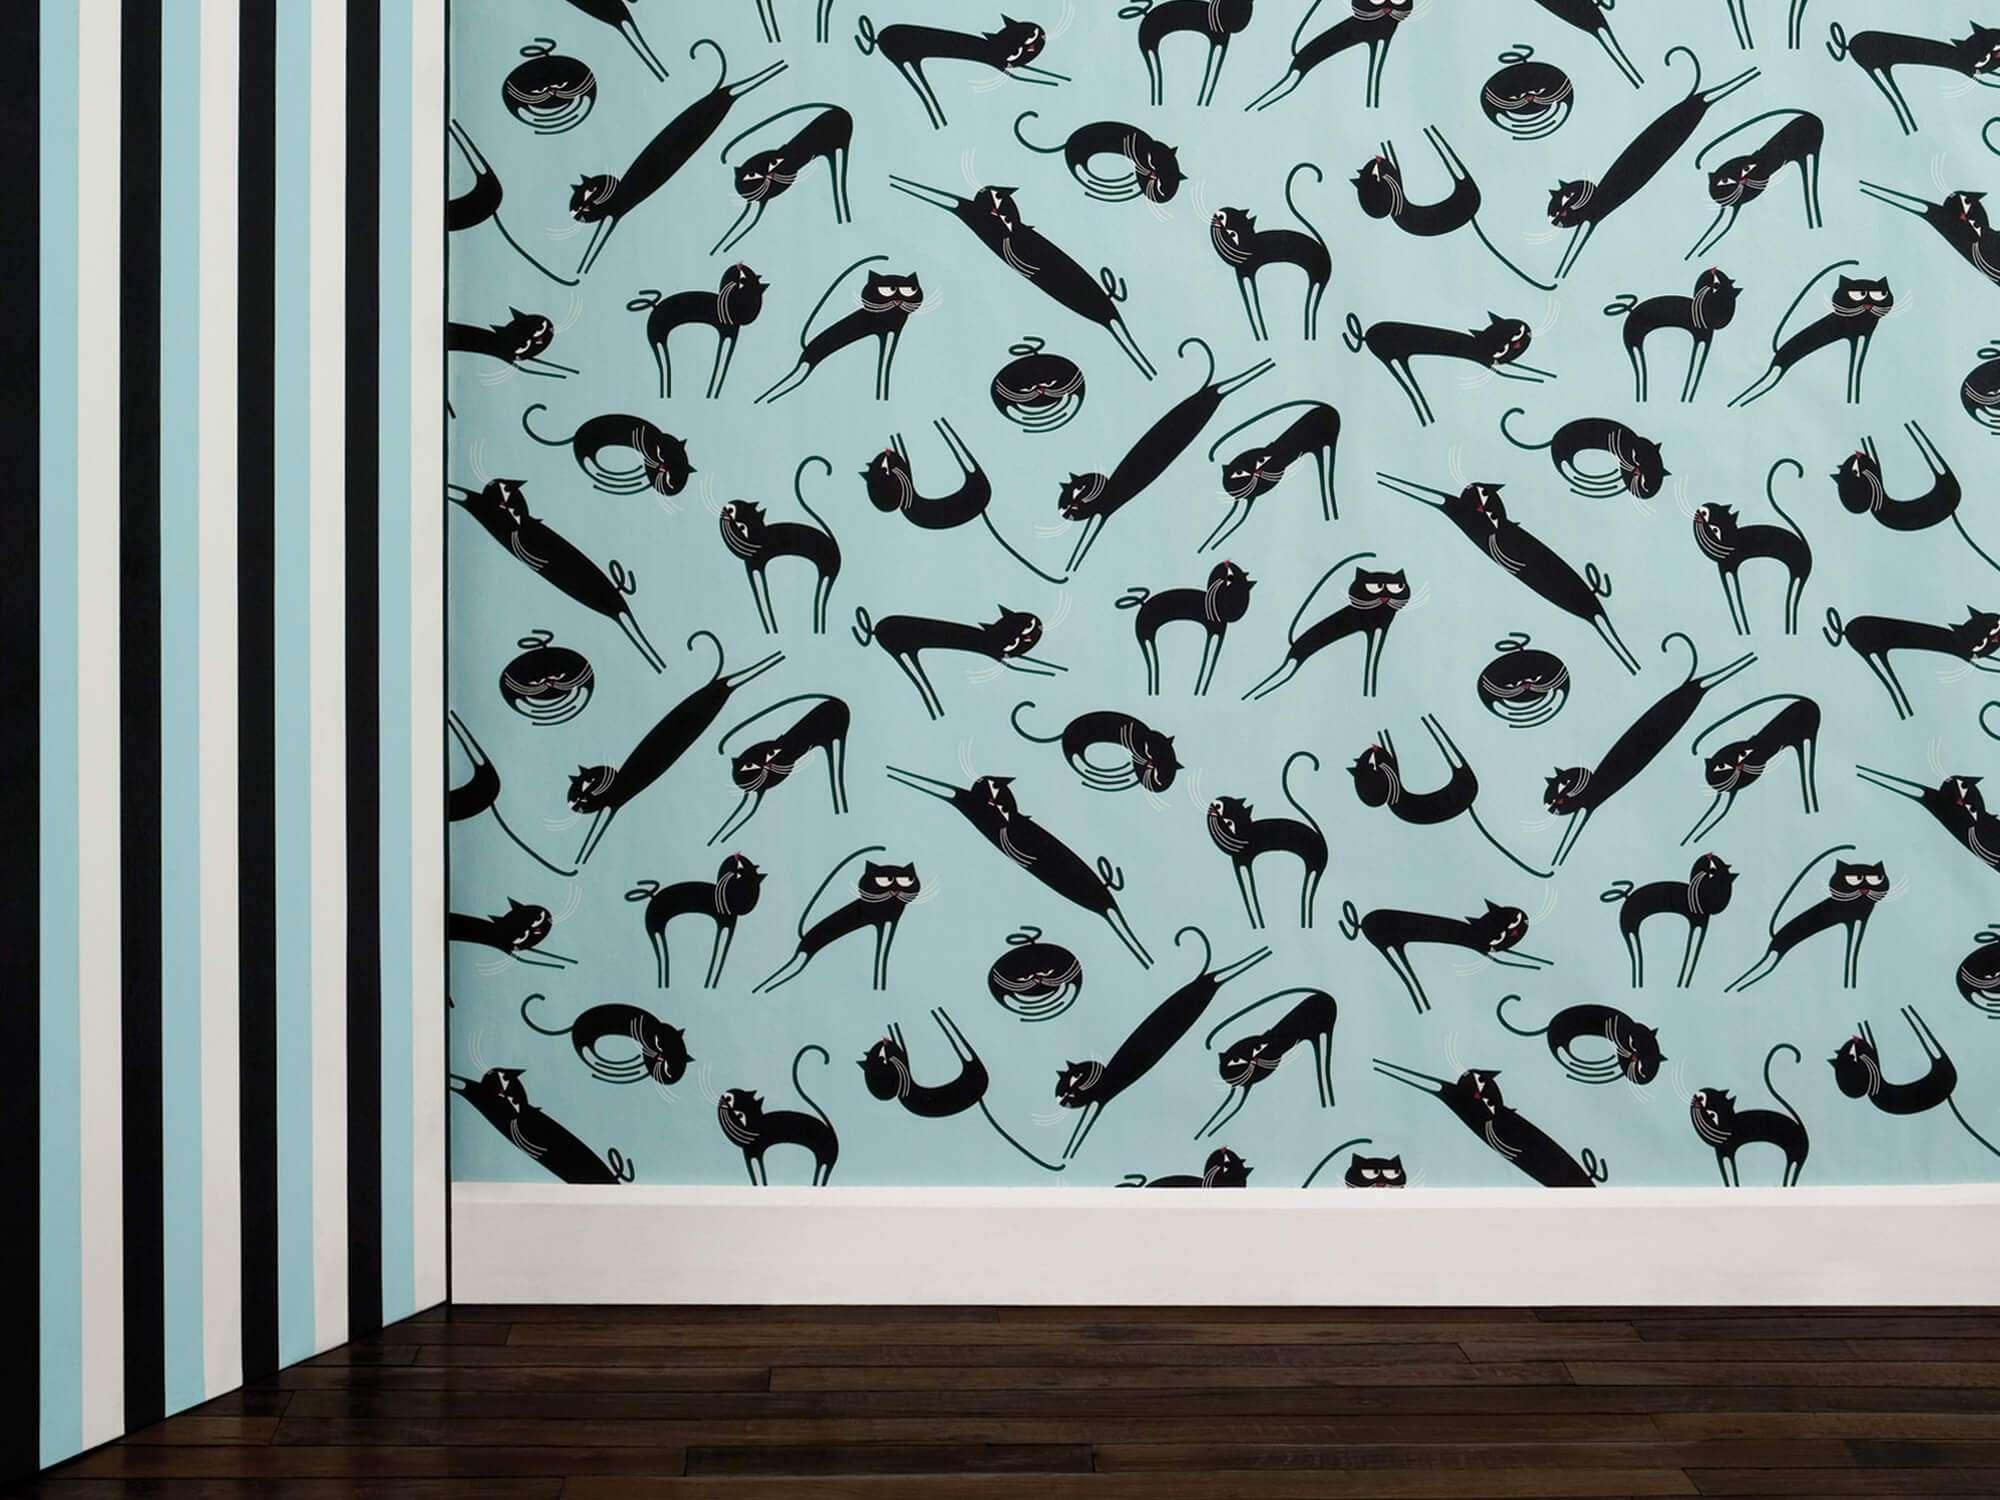 Papier peint Cats bleu et noir phosphorescent, des chats noirs sur fond bleu pour une décoration originale. design IchetKar